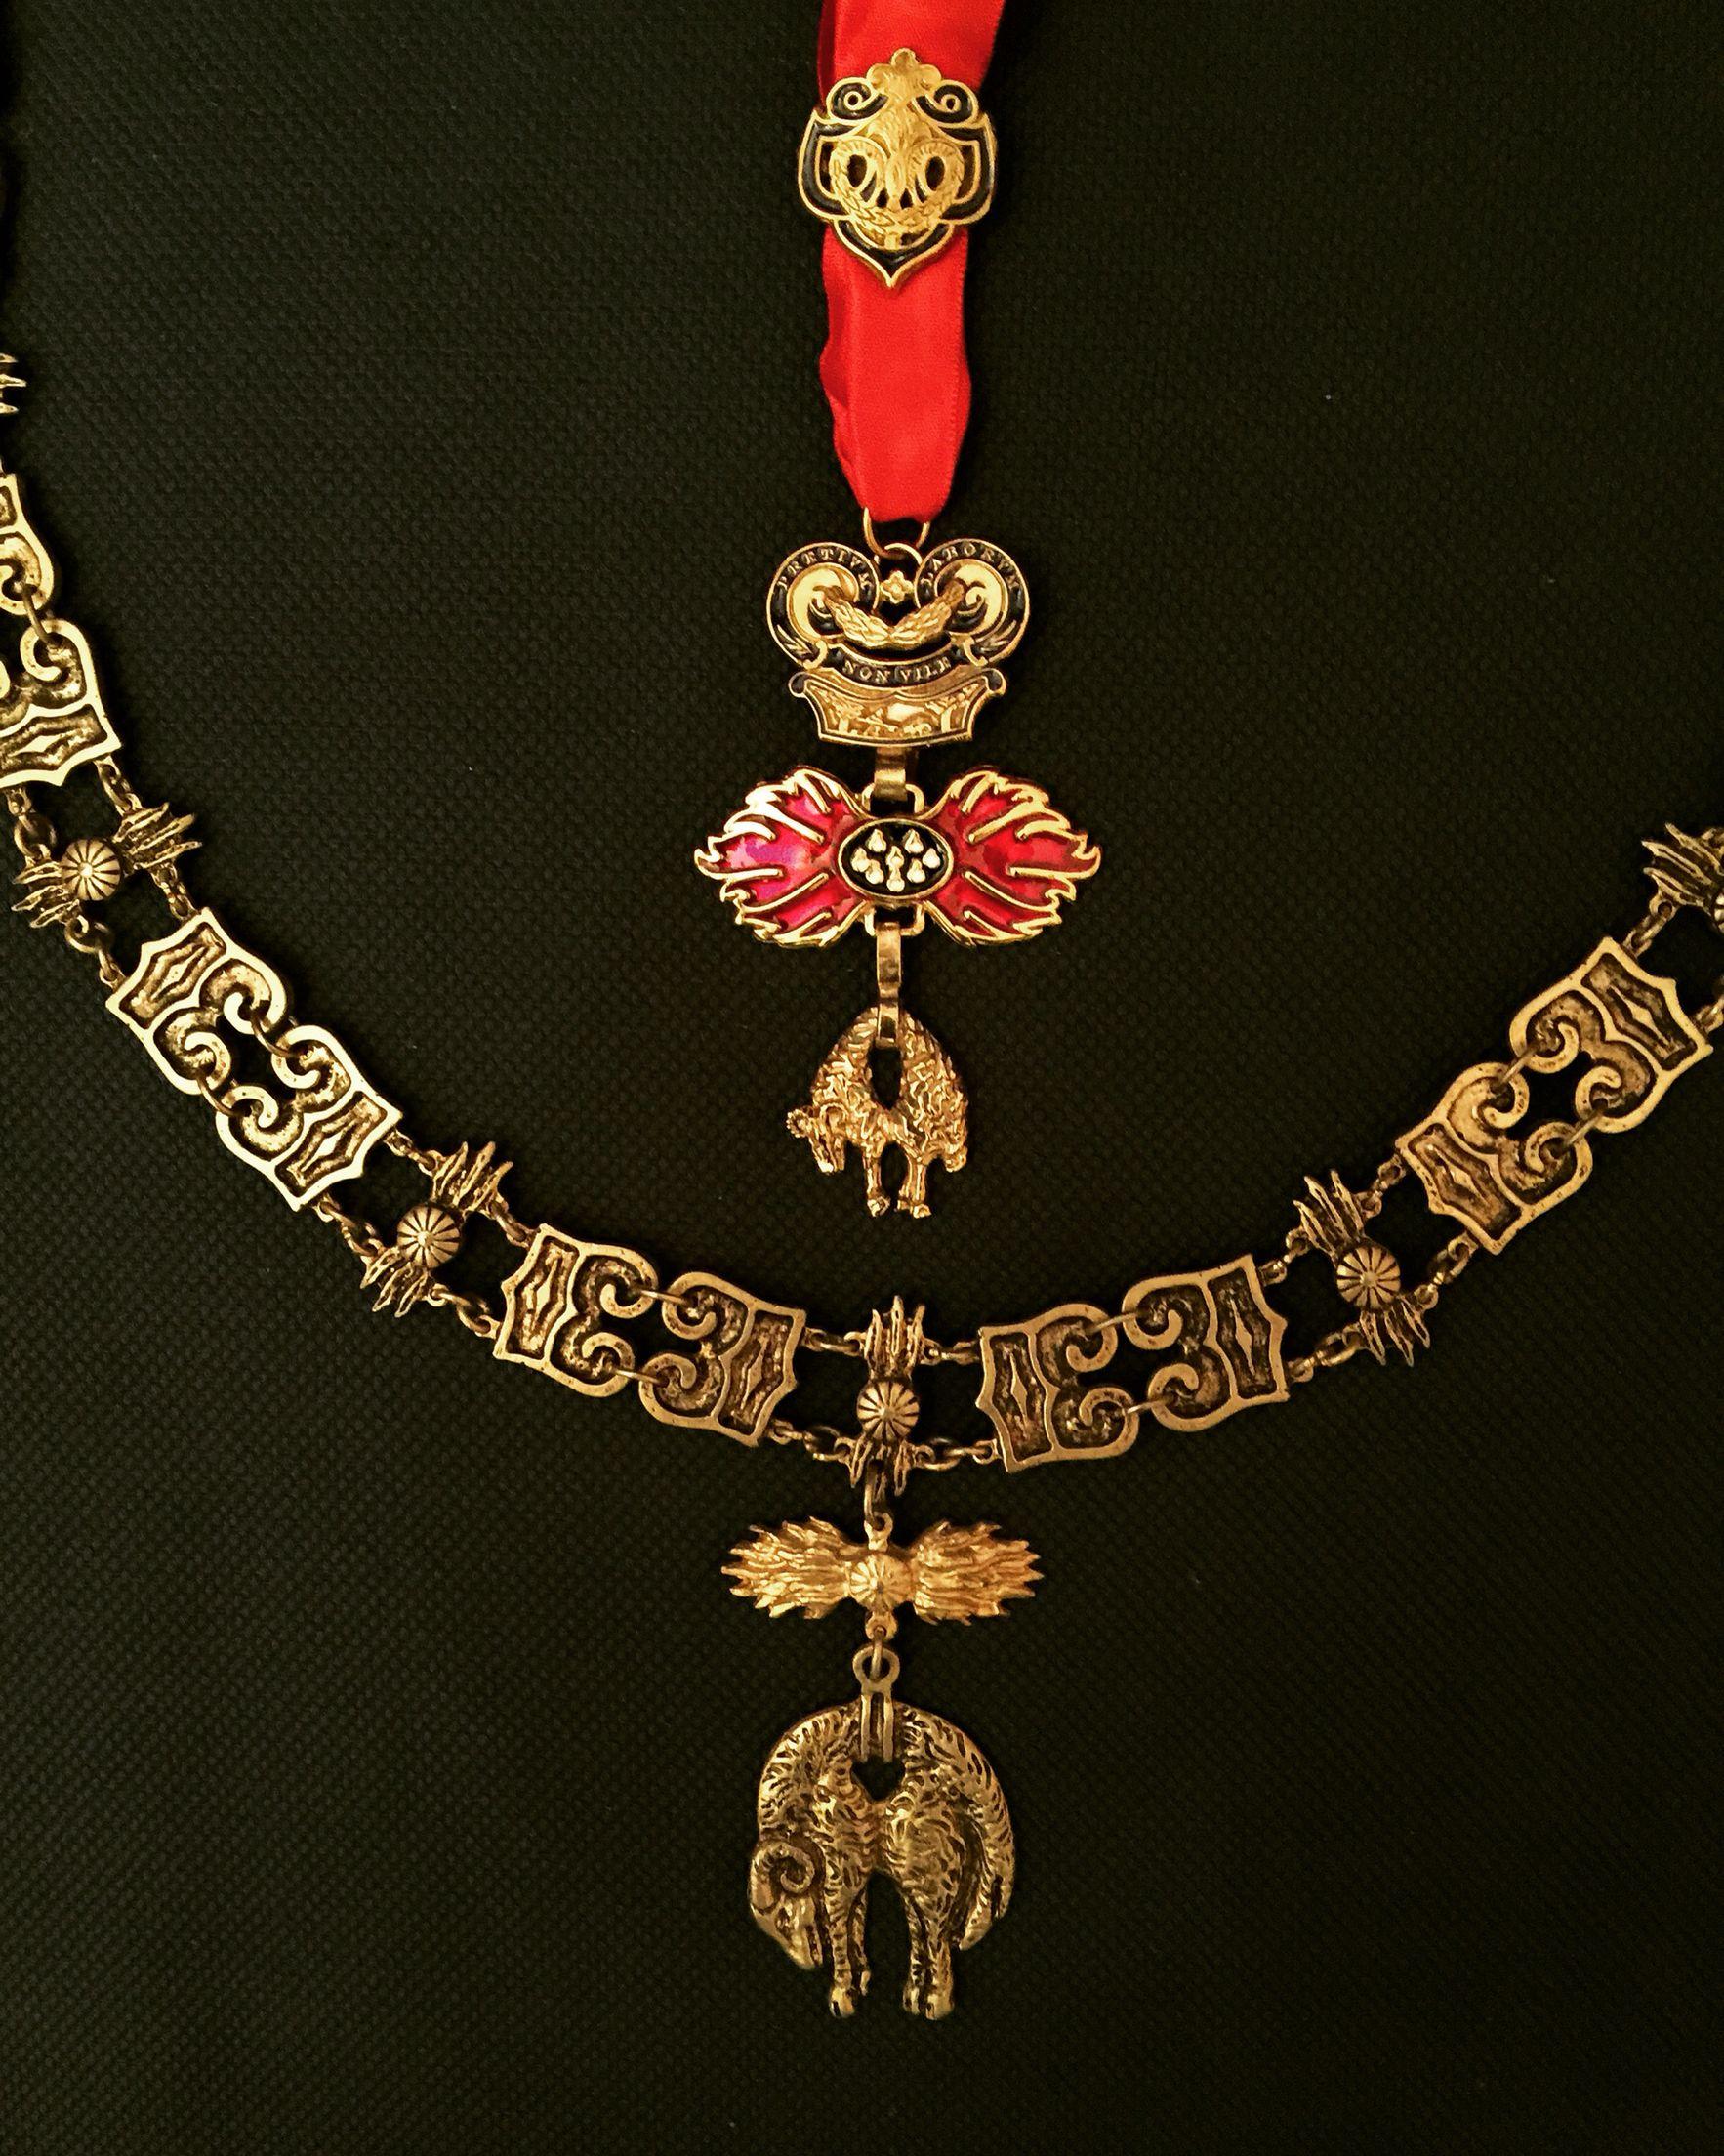 Der Orden vom Goldenen Vlies ist ein 1430 gegründeter Ritterorden, also eine nach dem Vorbild der Mönchsorden gebildete Gemeinschaft von Rittern. Später wurde eine Zugehörigkeit immer mehr zu einem vom Kaiser verliehenen Privileg als Belohnung für Verdienste